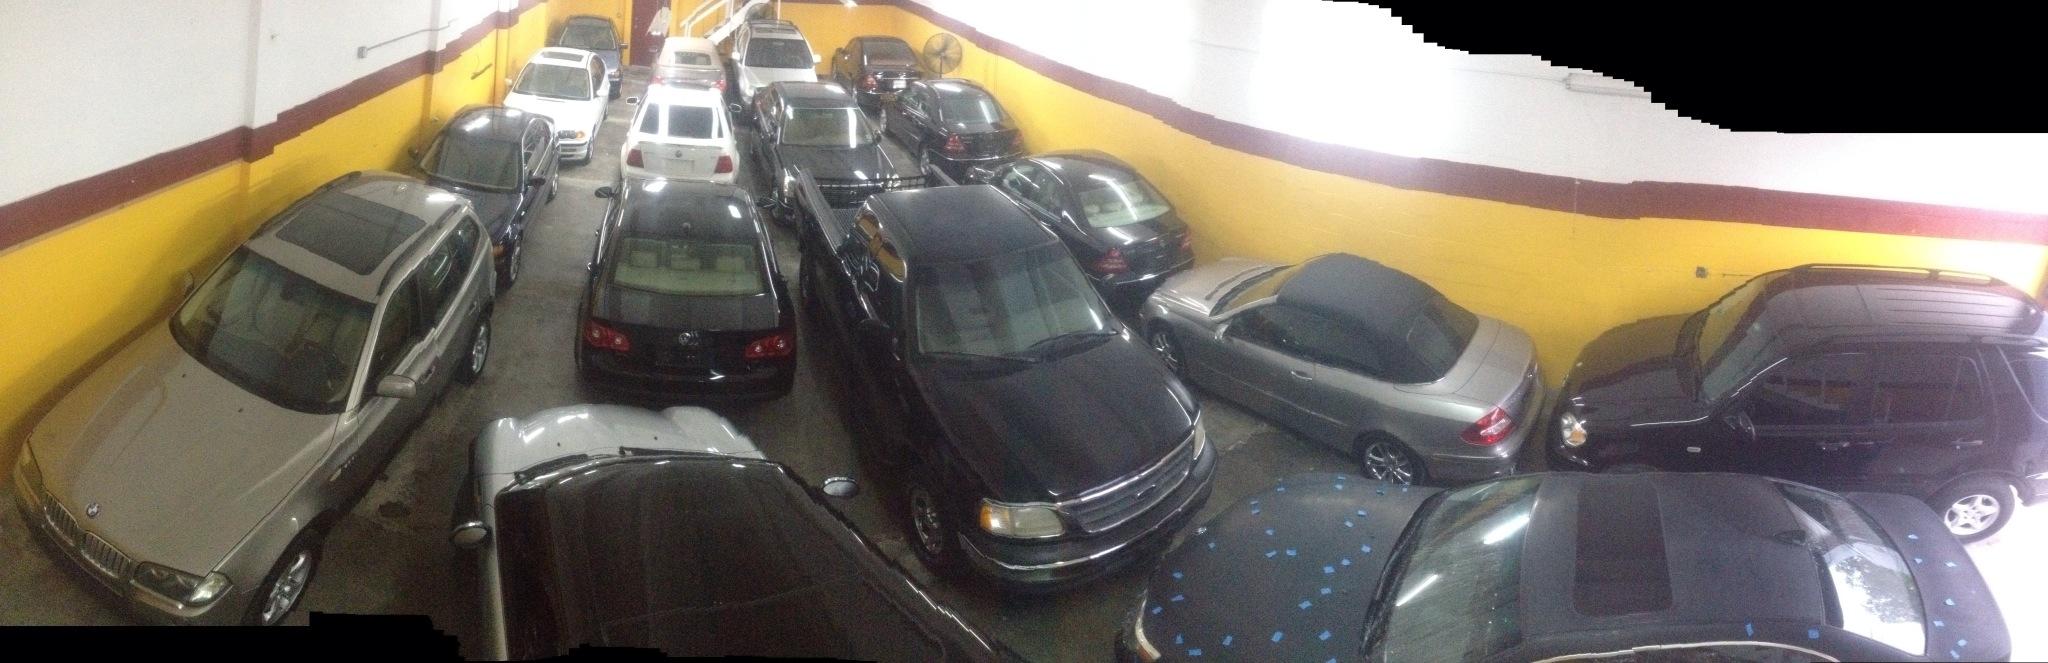 Online car broker usa